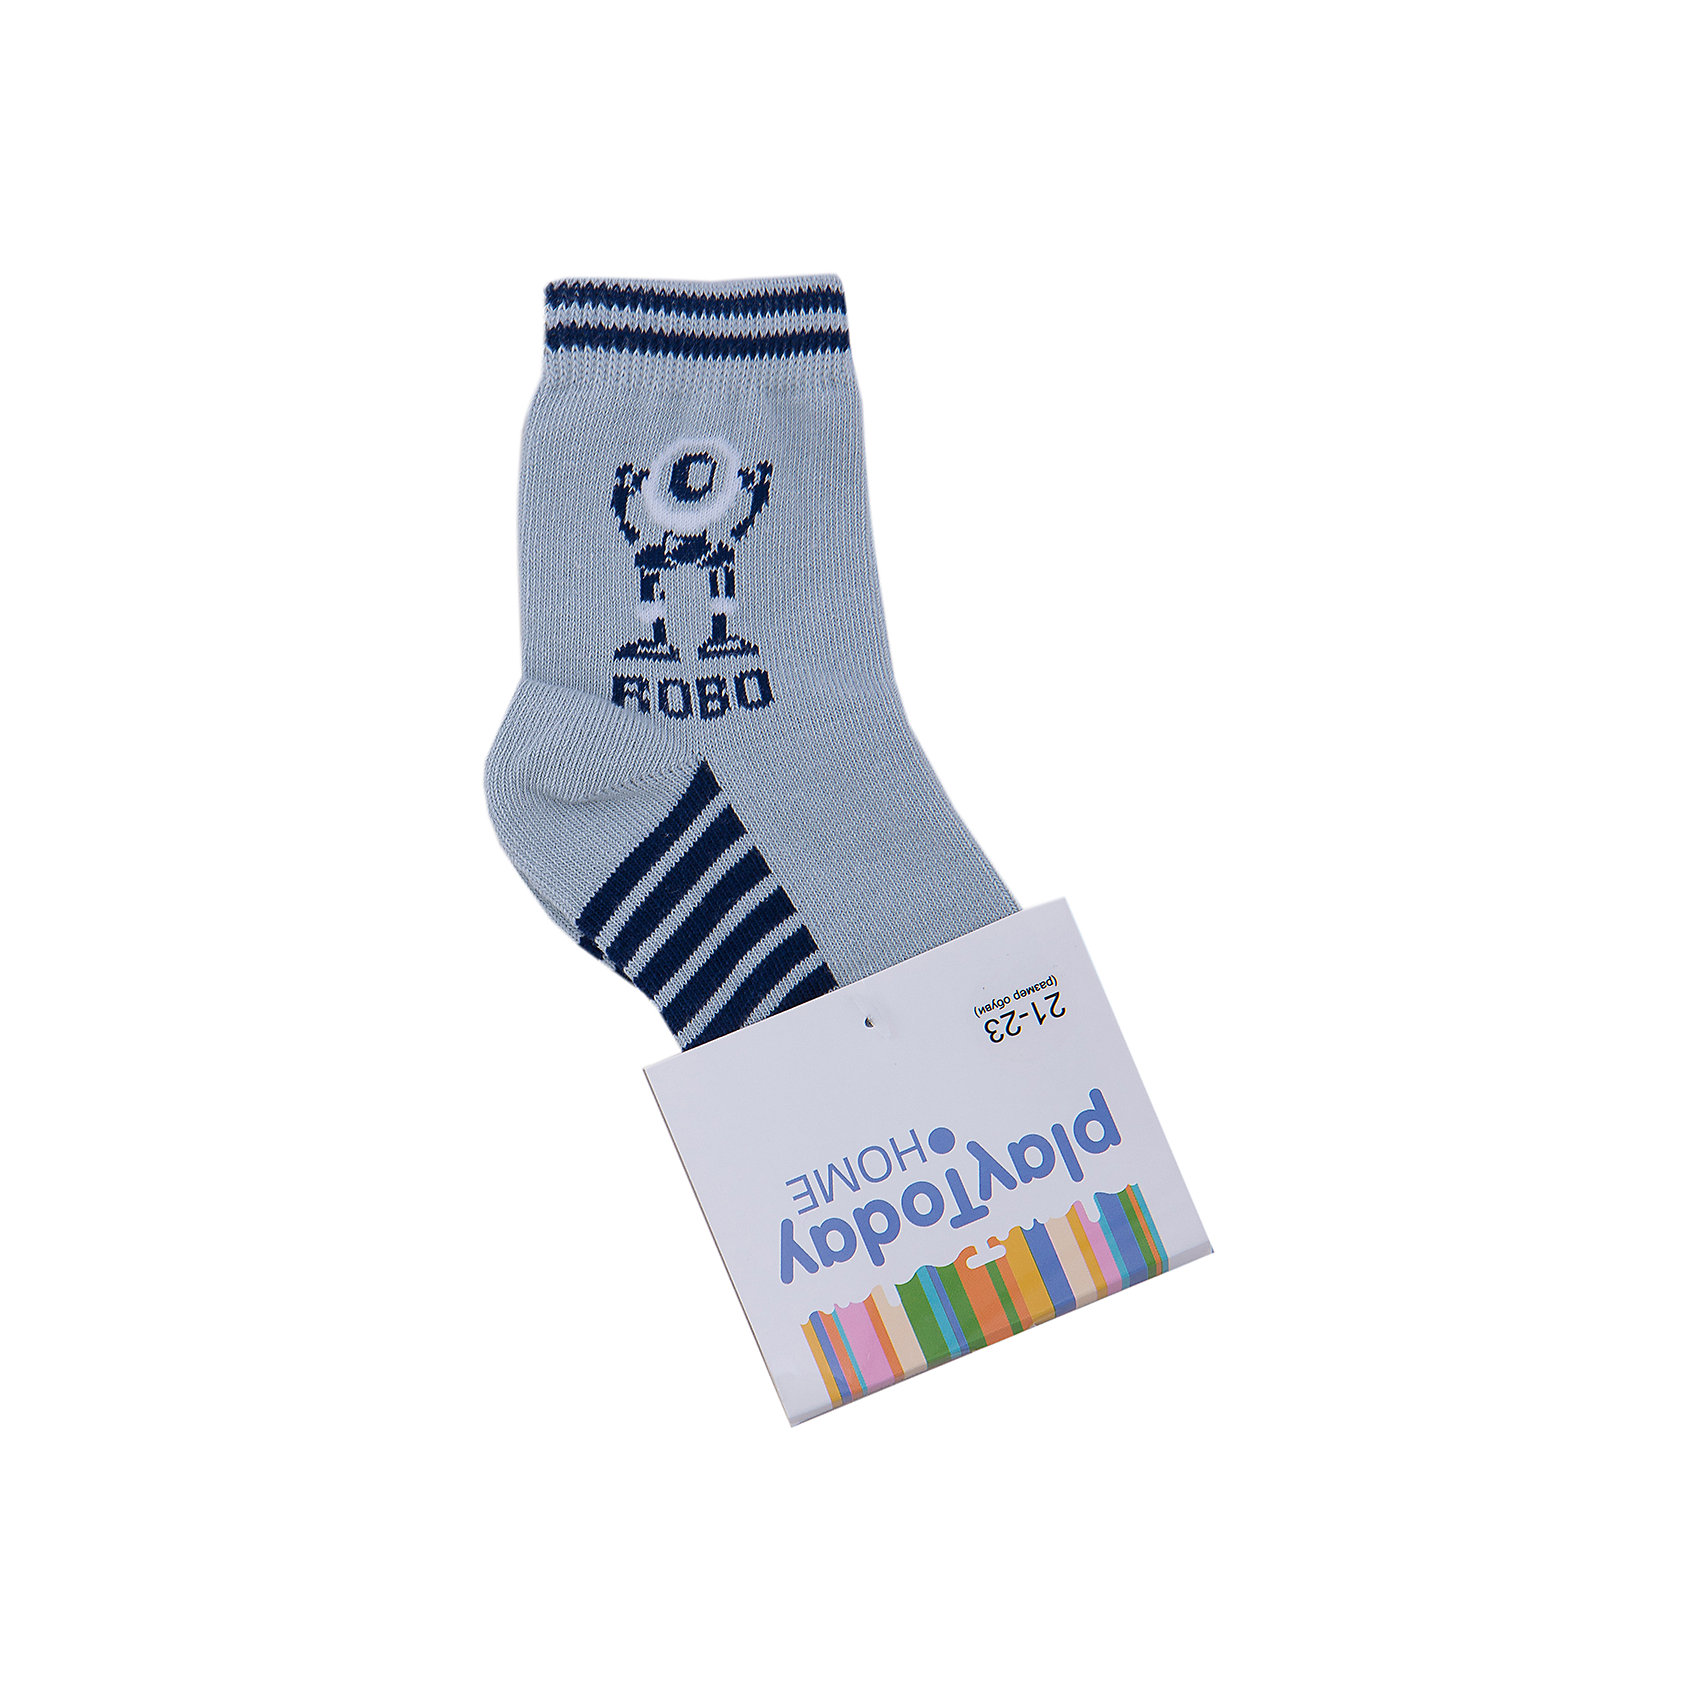 Носки для мальчика PlayTodayНоски<br>Носки для мальчика от известного бренда PlayToday.<br>Мягкие носочки на каждый день. Верх на резинке.<br>Состав:<br>75% хлопок, 22% нейлон, 3% эластан<br><br>Ширина мм: 87<br>Глубина мм: 10<br>Высота мм: 105<br>Вес г: 115<br>Цвет: разноцветный<br>Возраст от месяцев: 3<br>Возраст до месяцев: 6<br>Пол: Мужской<br>Возраст: Детский<br>Размер: 18,14,16<br>SKU: 4897300